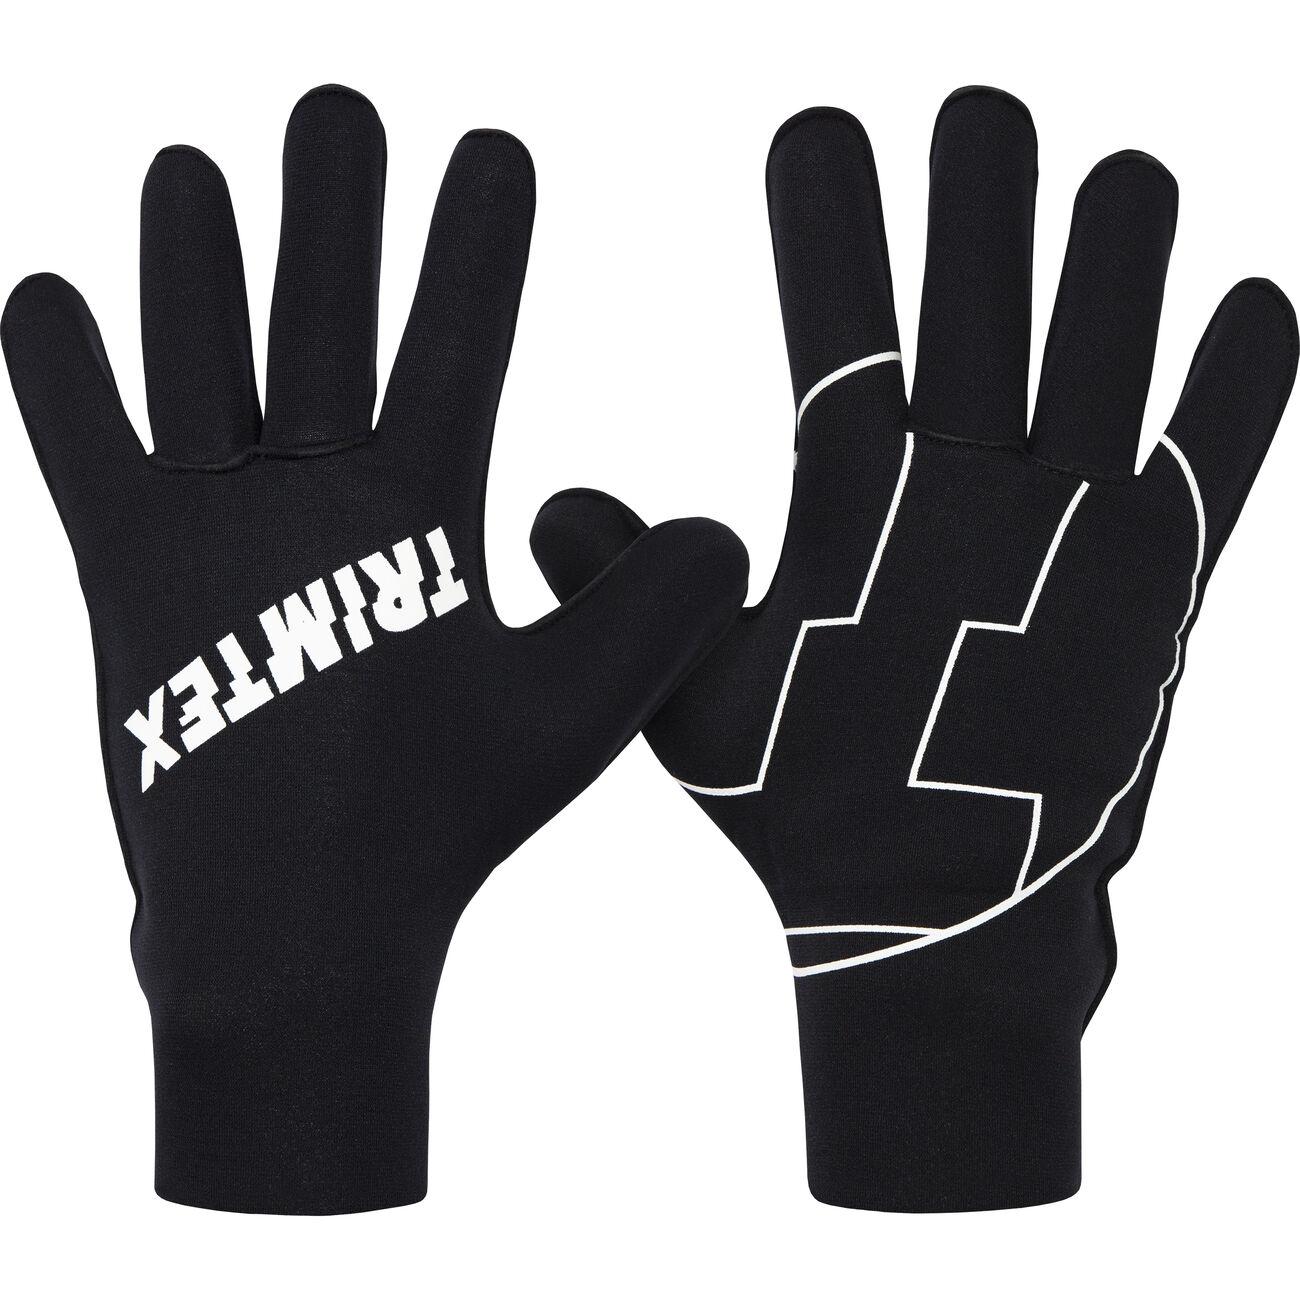 Elite Neoprene cycling gloves